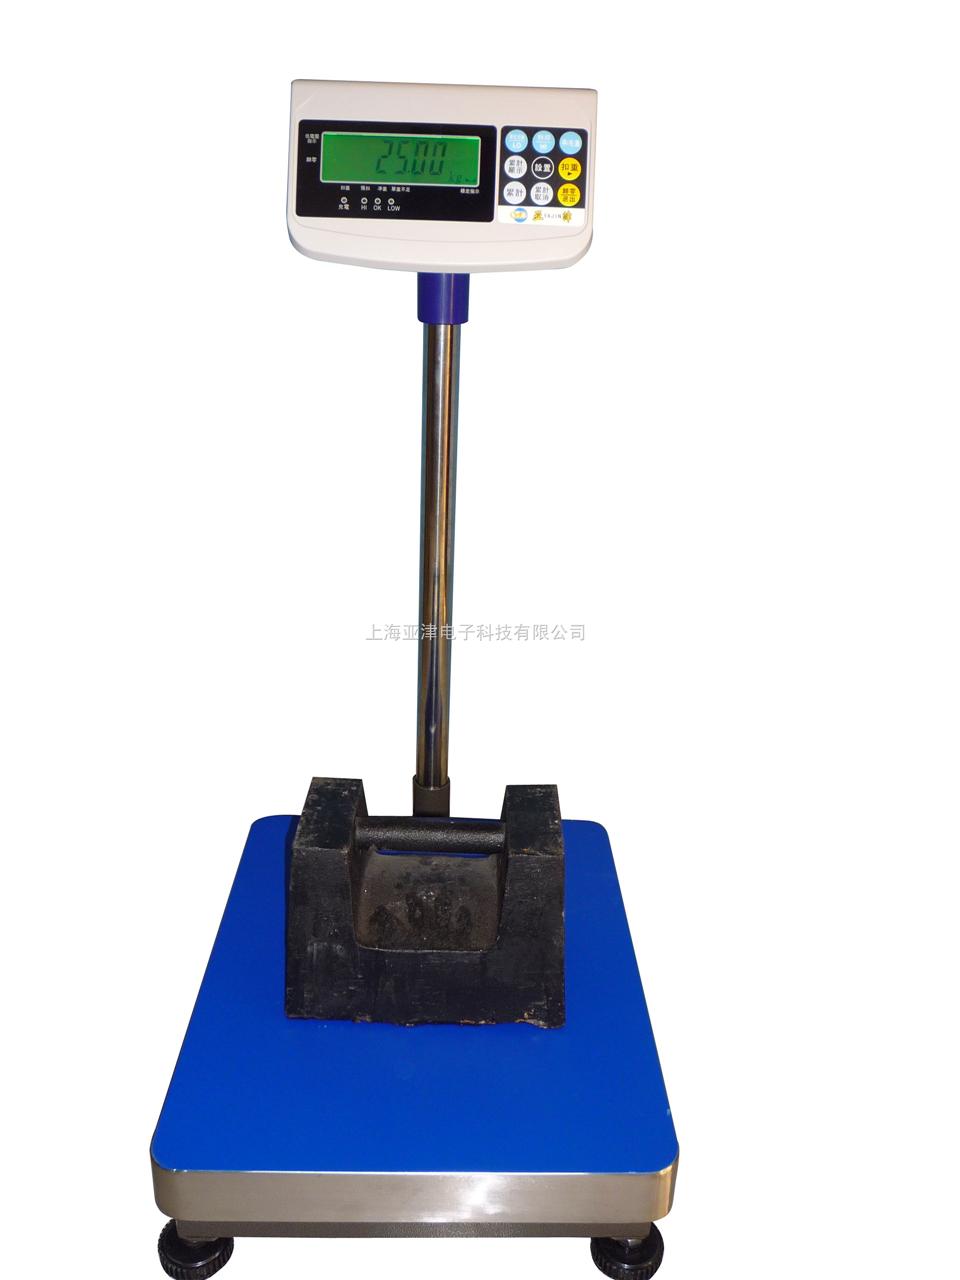 北京75公斤电子台秤,计重电子台秤哪个品牌好